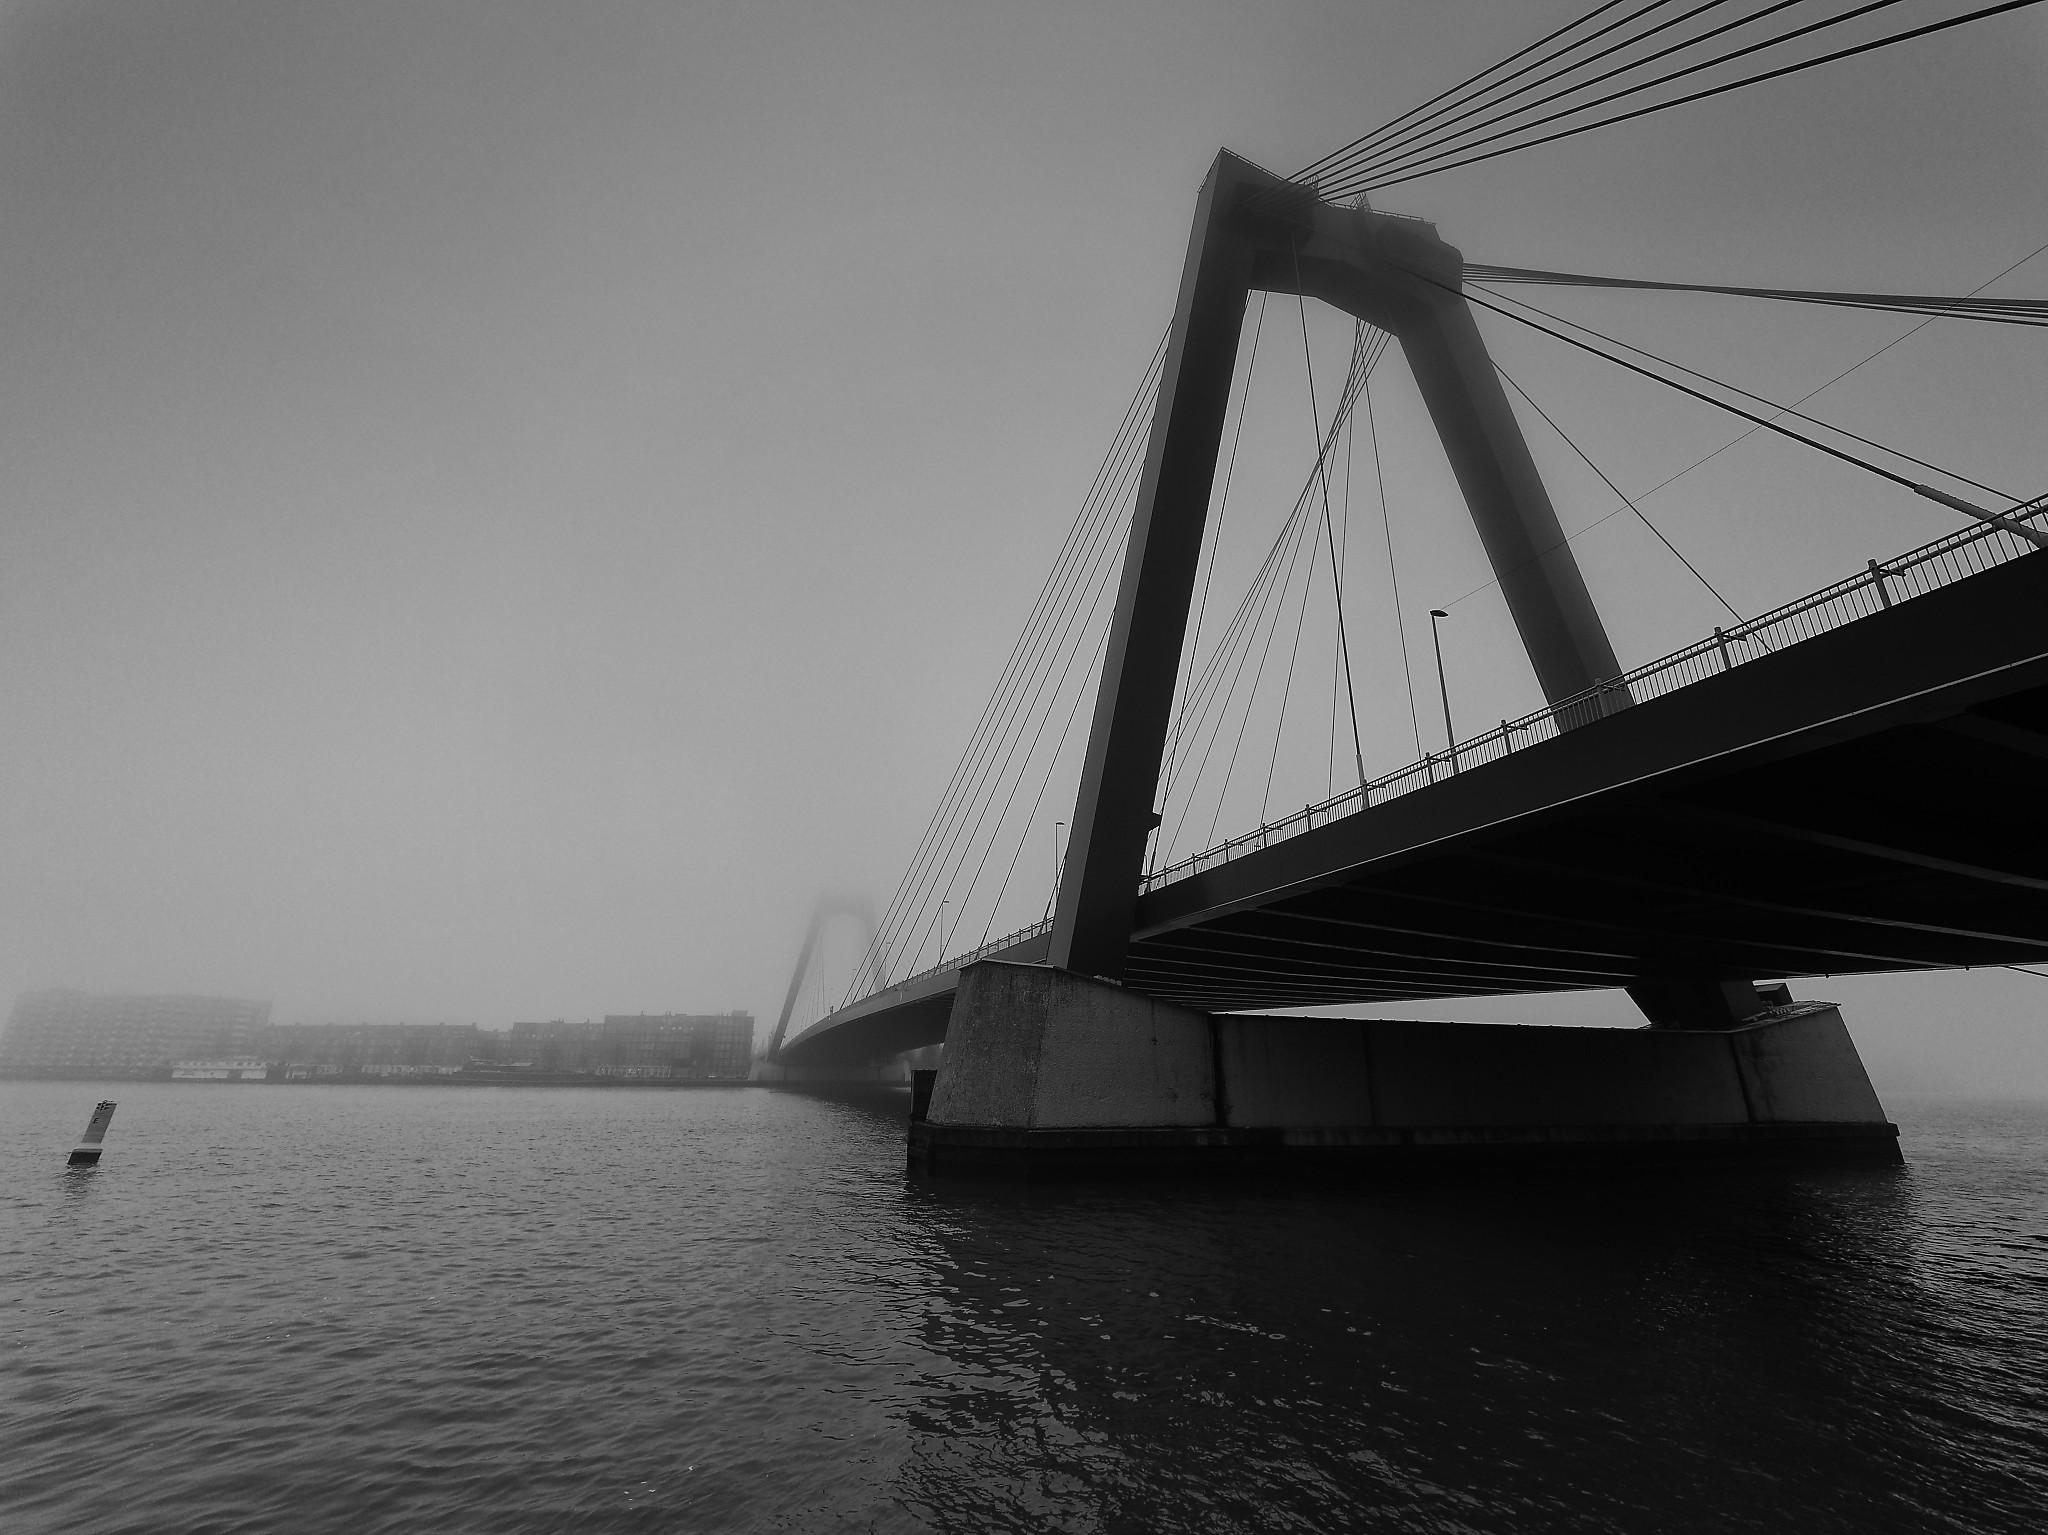 Rotterdam Willemsbruck, Netherlands